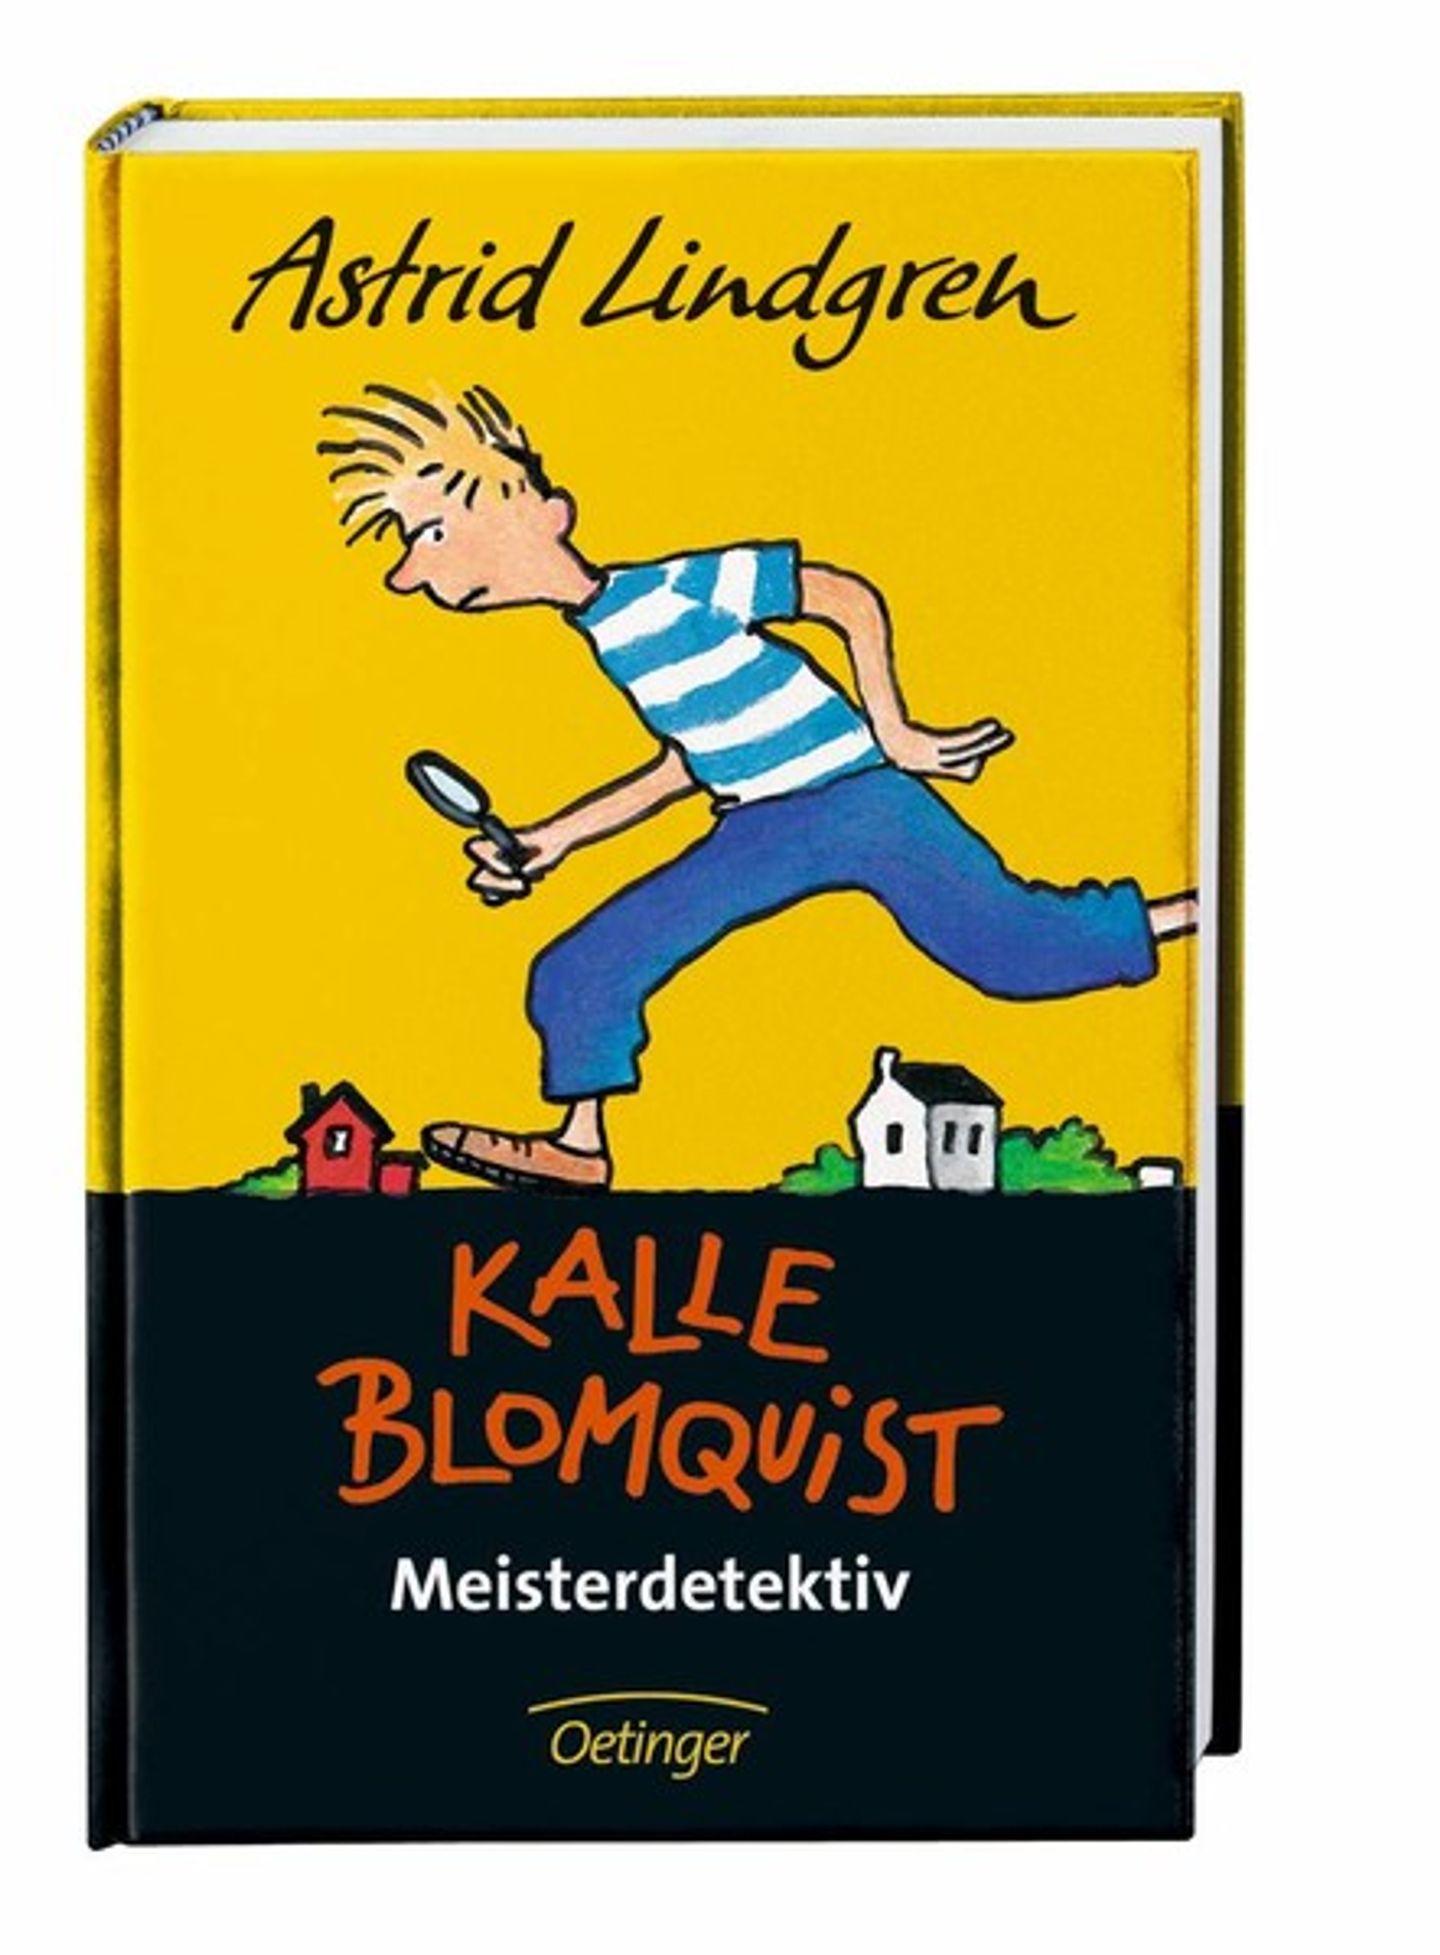 Omslag Kalle Blomquist Meisterdetektiv